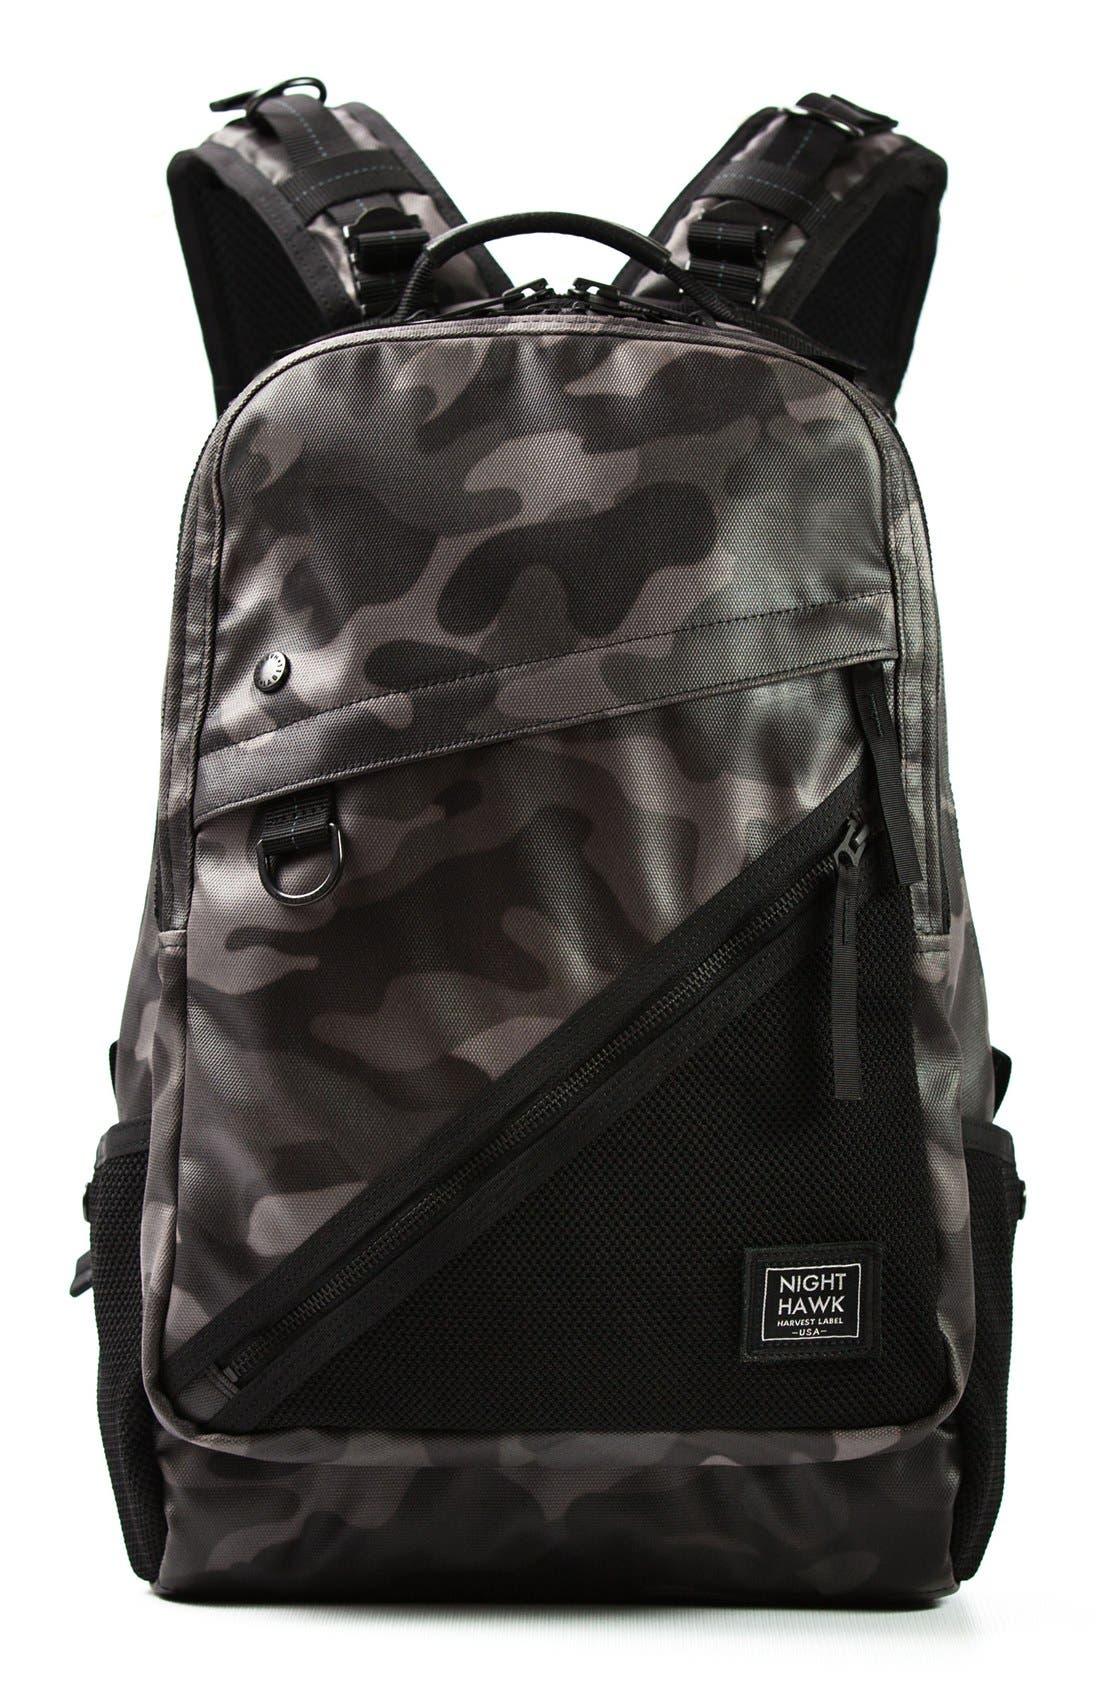 Alternate Image 1 Selected - Harvest Label 'NightHawk' Backpack